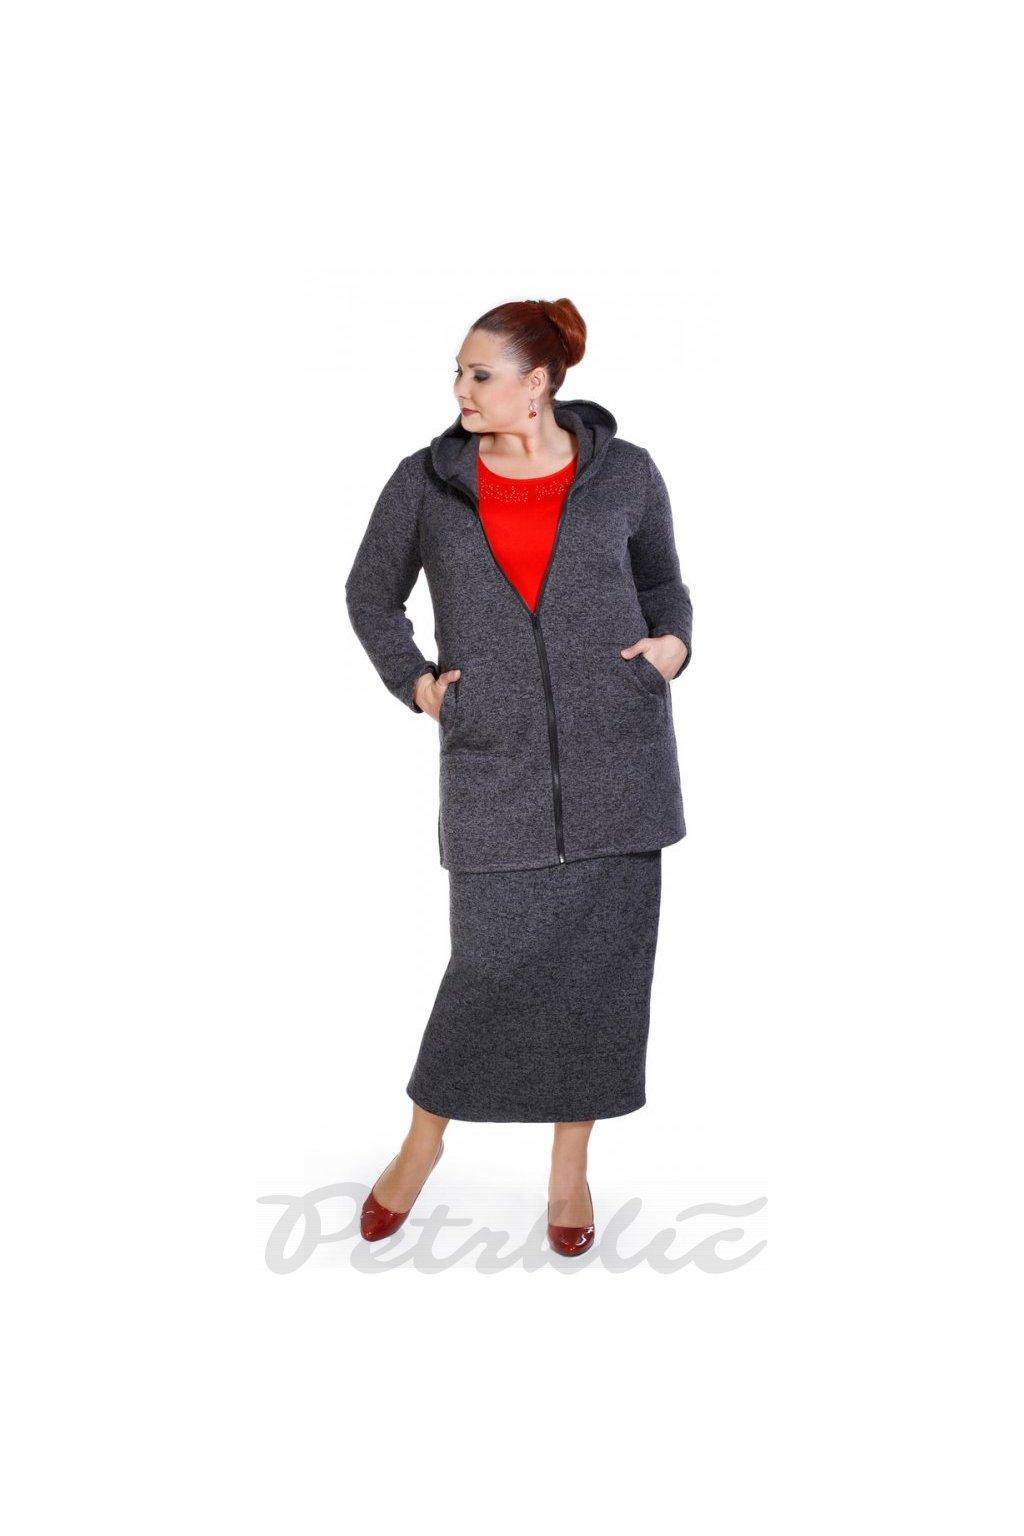 ELKA - fleecový kabátek s kapucí